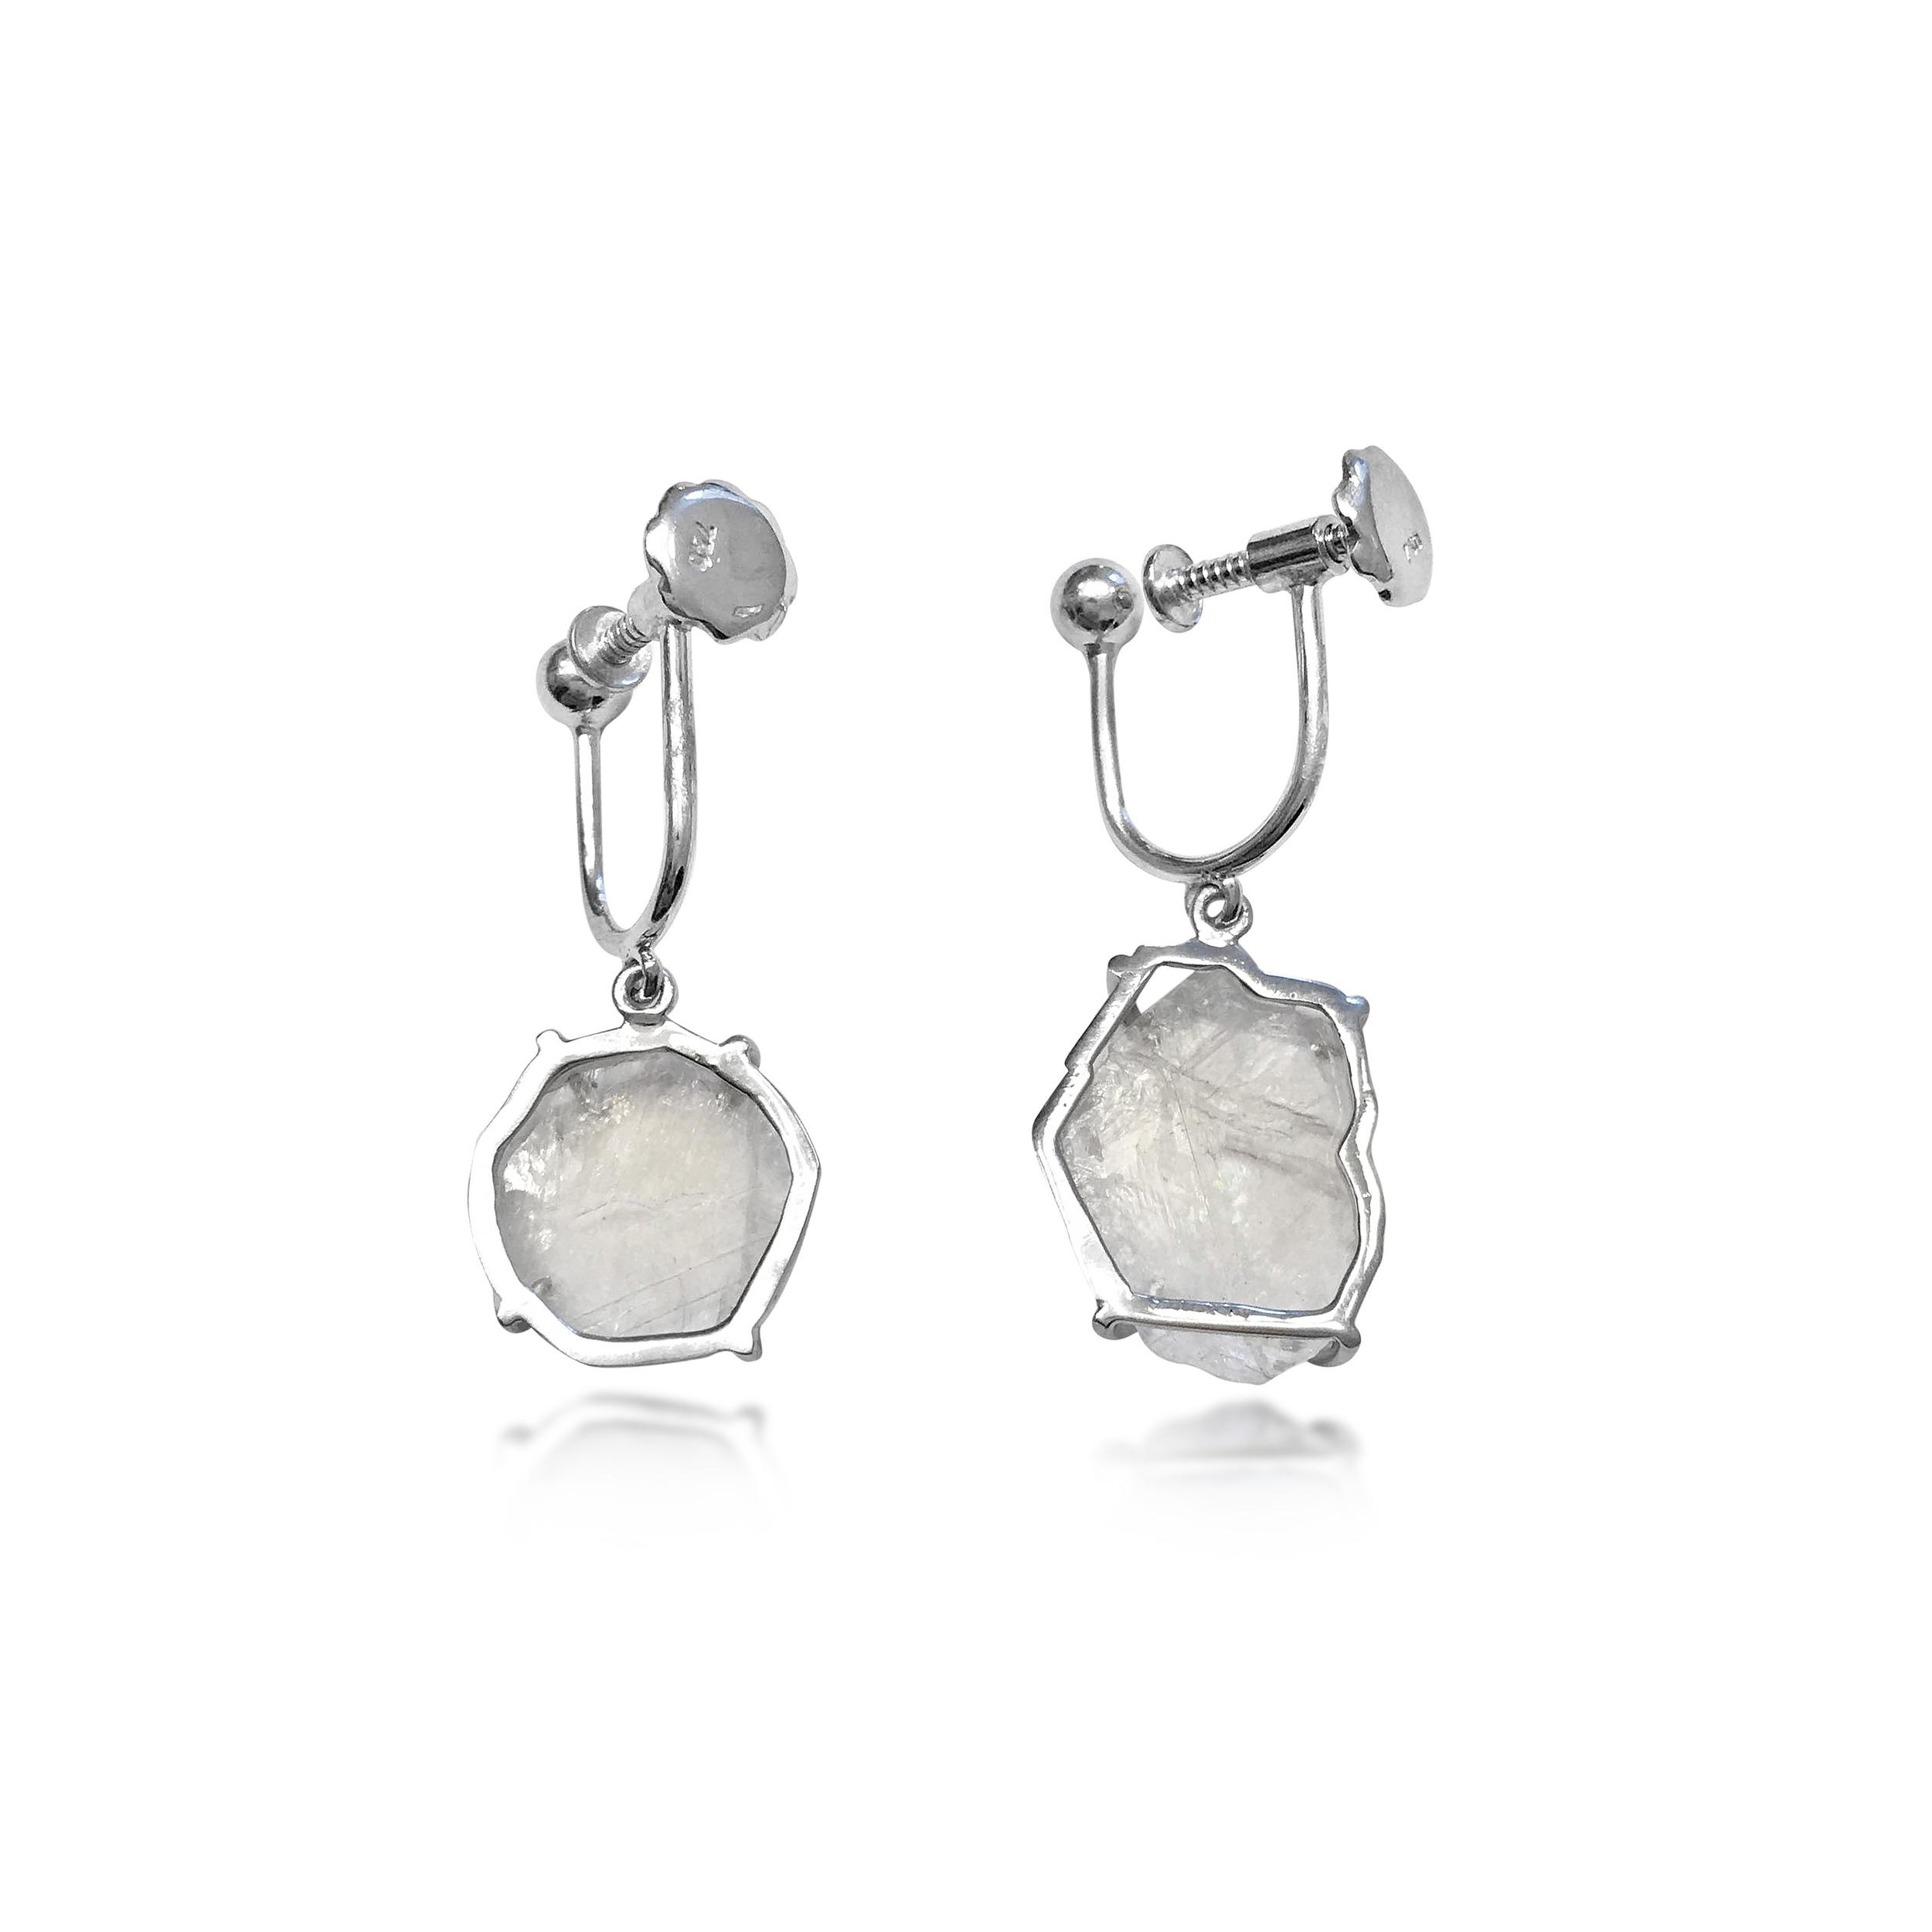 fluorite-drop-ear-pendats-set-in-18ct-white-gold-screw-back-fittings-2.jpg